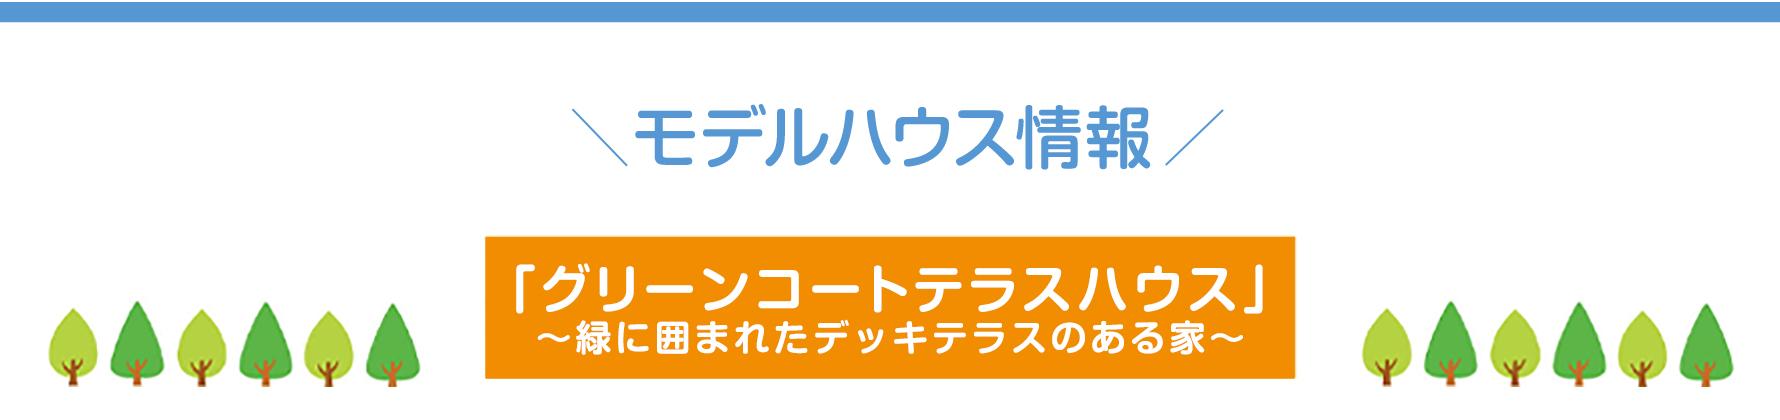 モデルハウス平屋「グリーンコートテラスハウス」特別価格5,400万円(税込)!